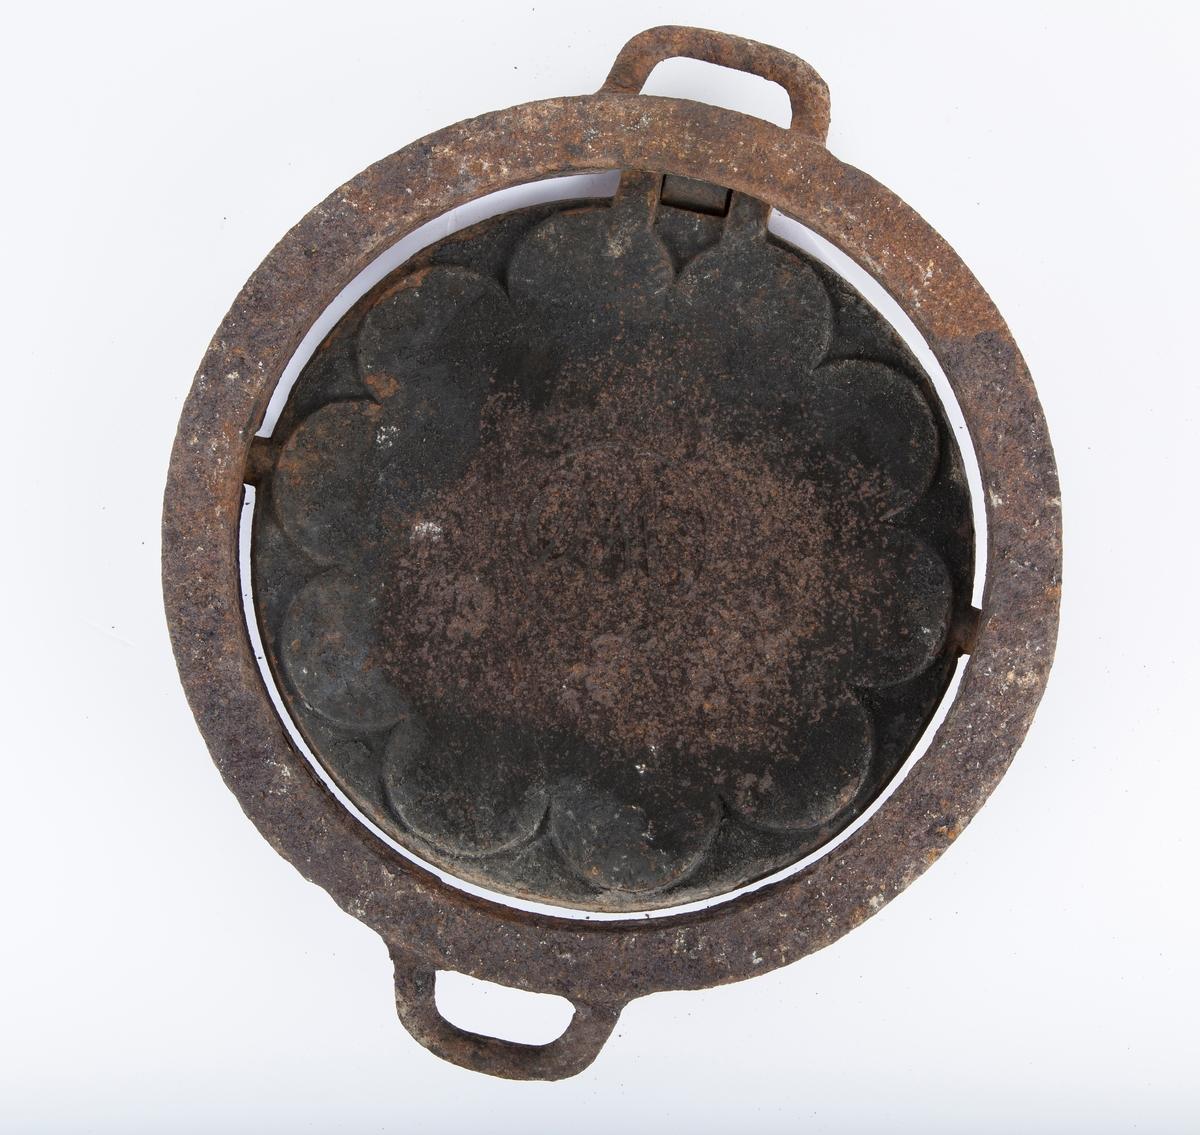 Rundt jern til bruk på vedkomfyr. Med ring